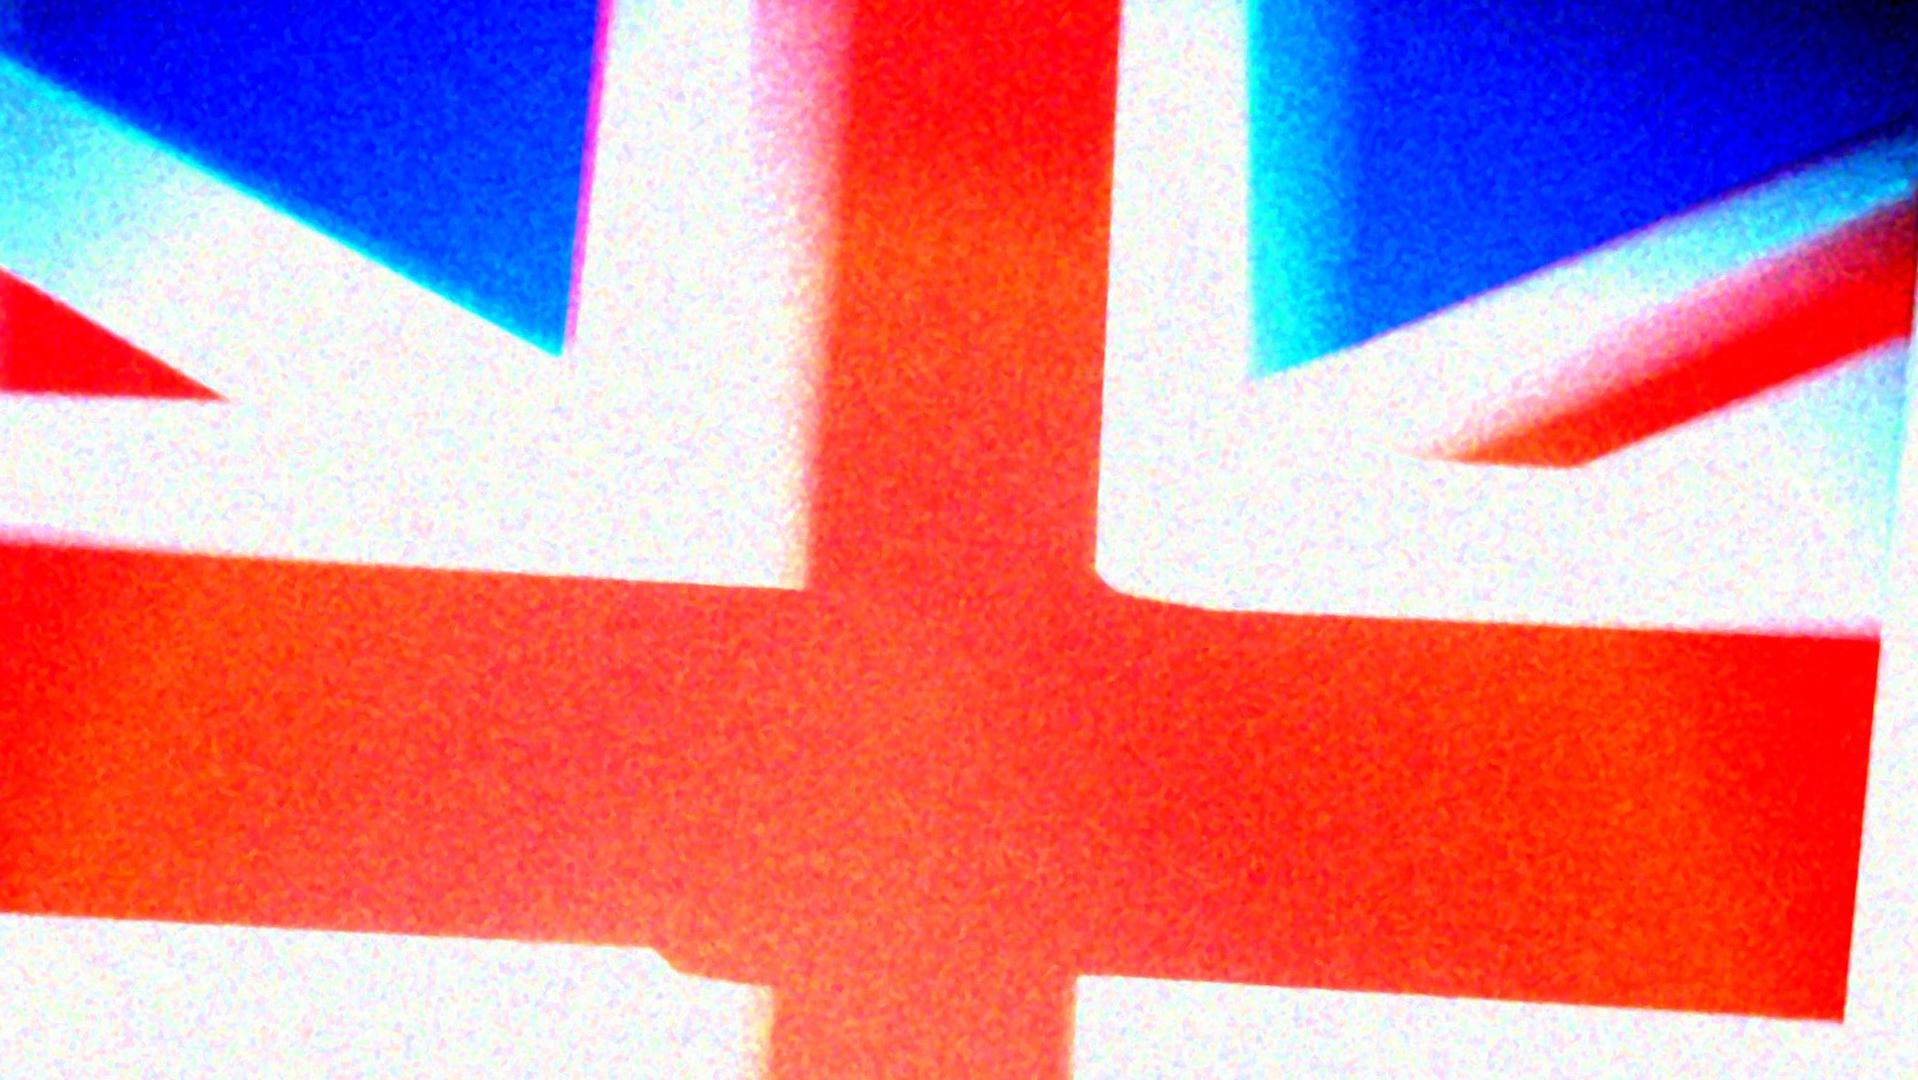 Det Forenede Kongerige: Den mindre kendte side af Britpop